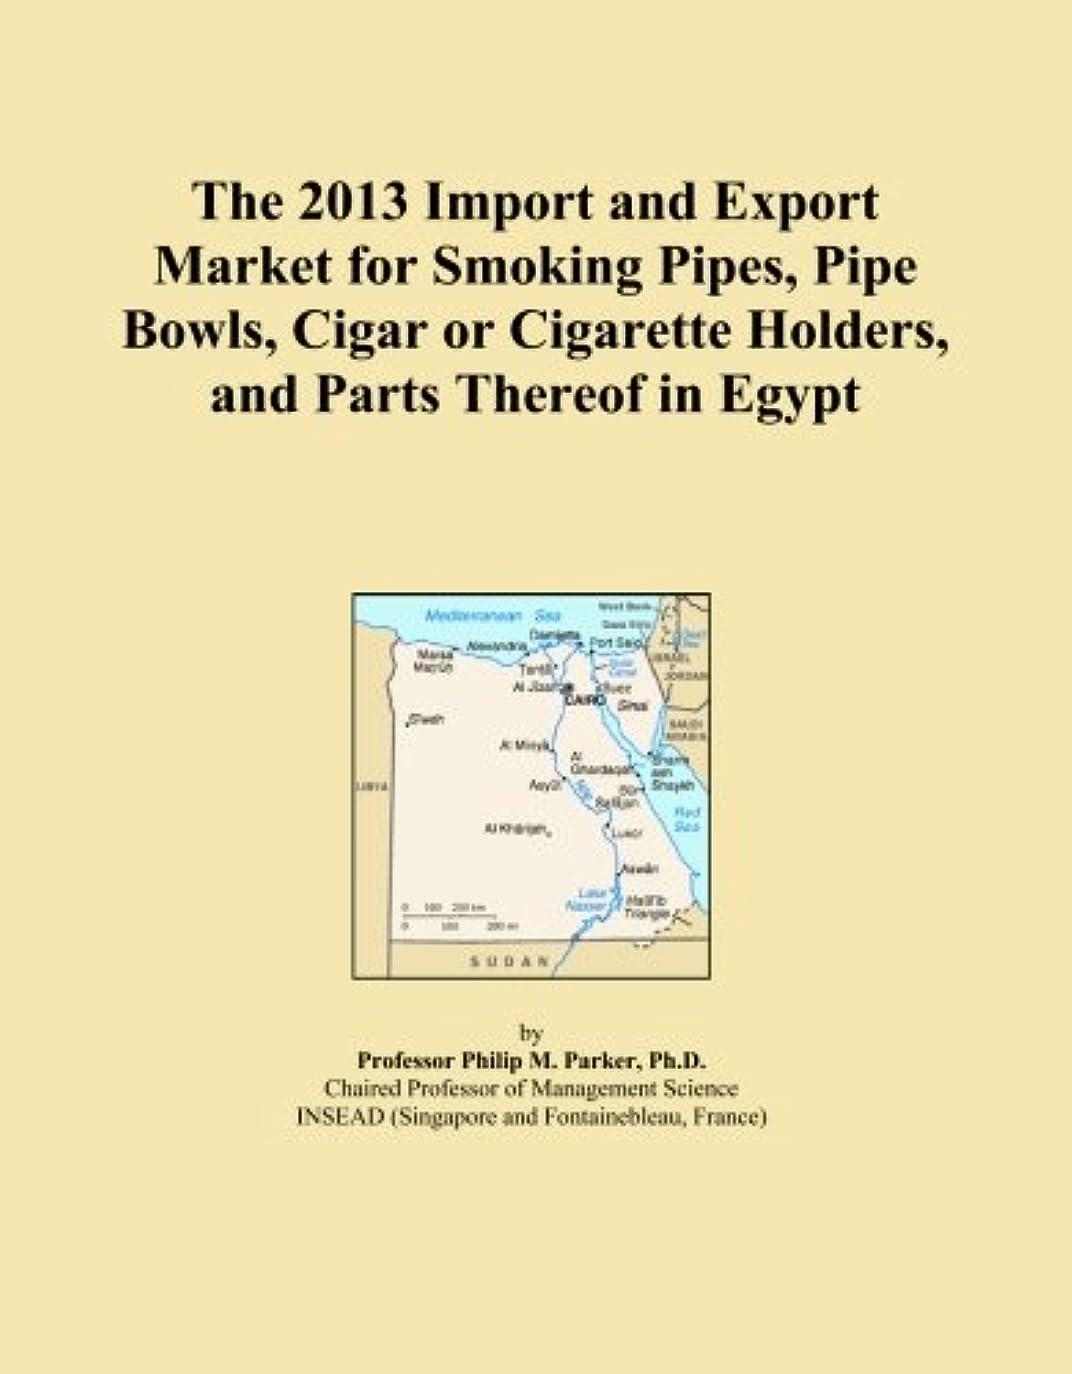 クック大宇宙そのThe 2013 Import and Export Market for Smoking Pipes, Pipe Bowls, Cigar or Cigarette Holders, and Parts Thereof in Egypt